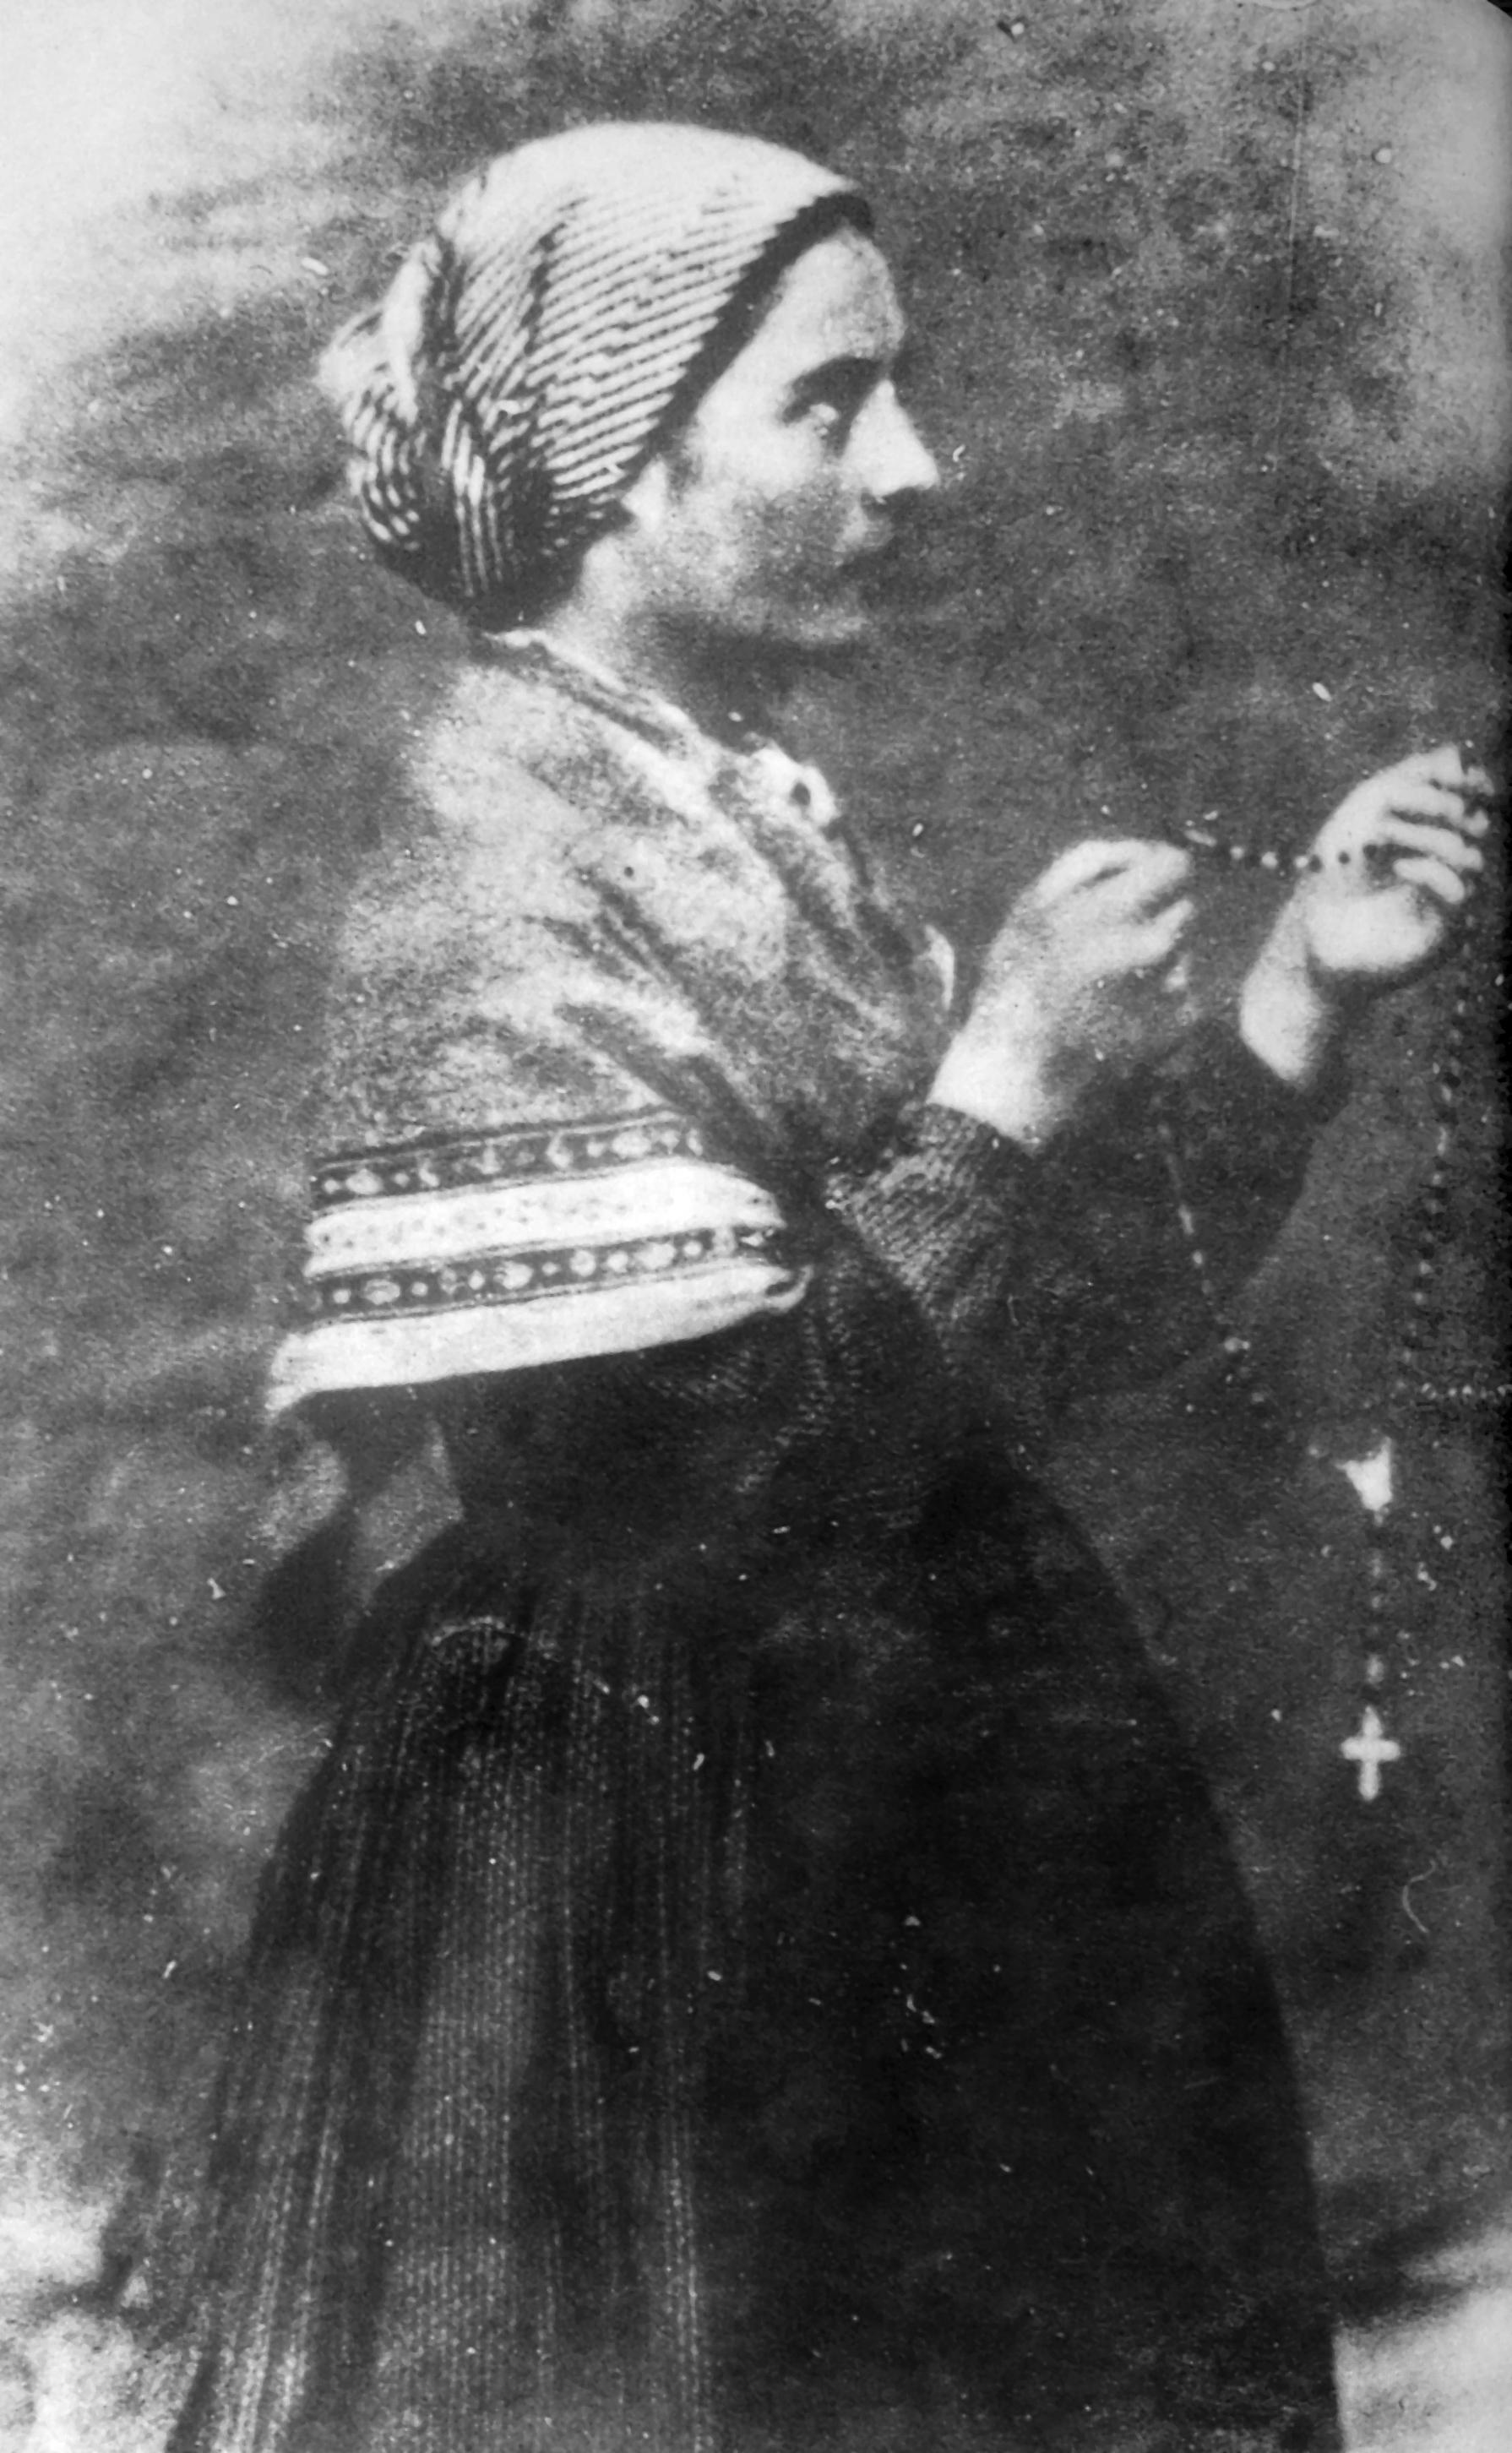 Bernadette Soubirous 1861